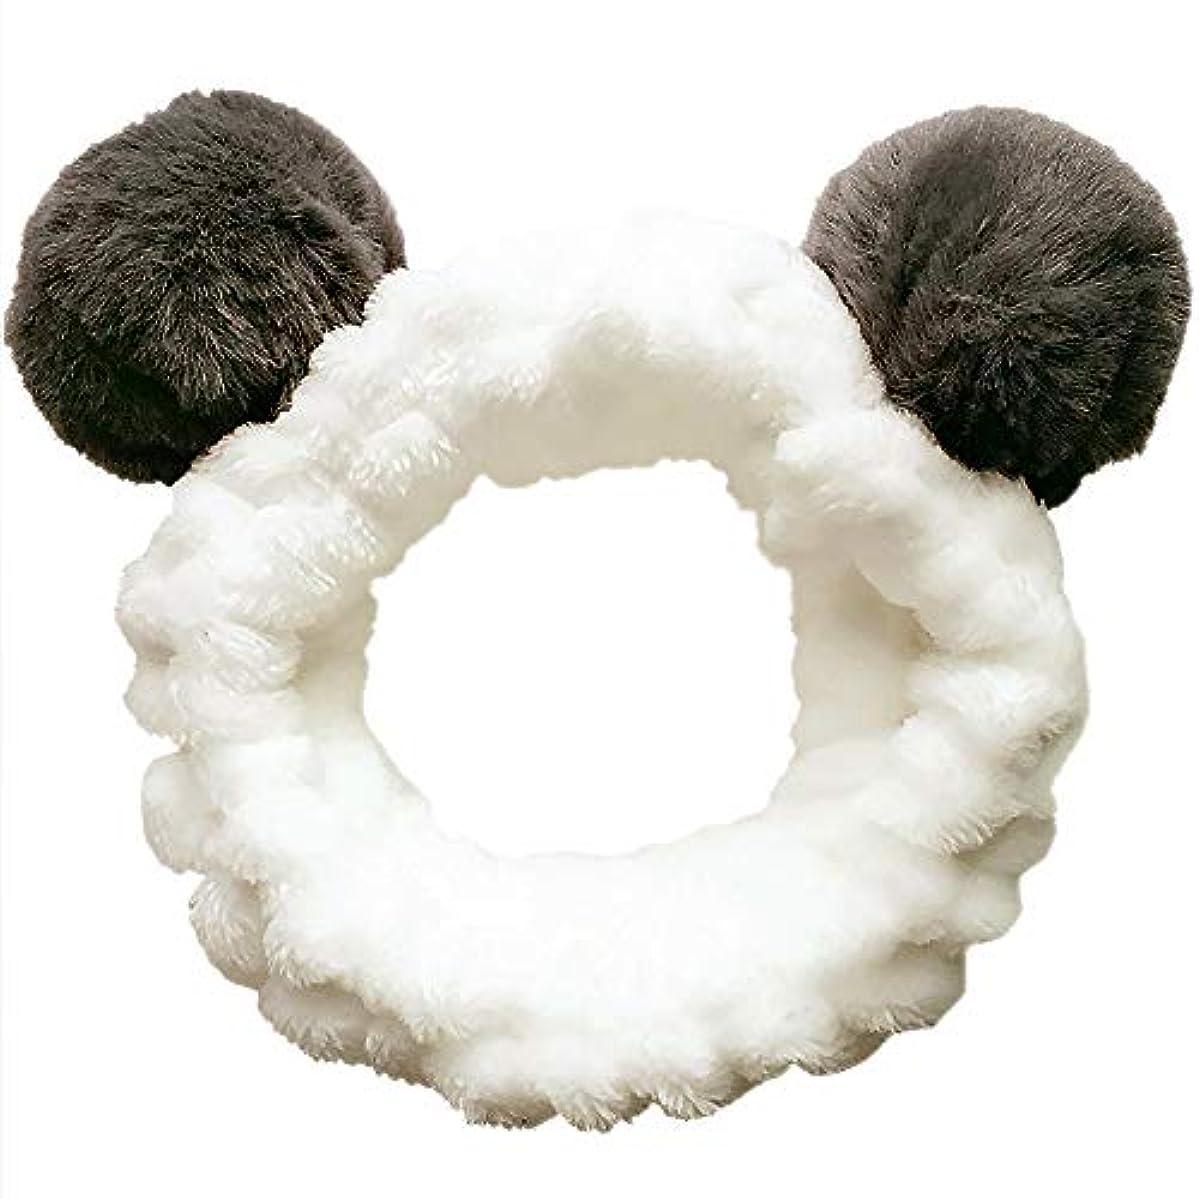 ヘアバンド 洗顔 動物 パンダ型 柔らかい 吸水 ターバン レディース ヘアアレンジ 伸縮性あり アニマル ふわふわ